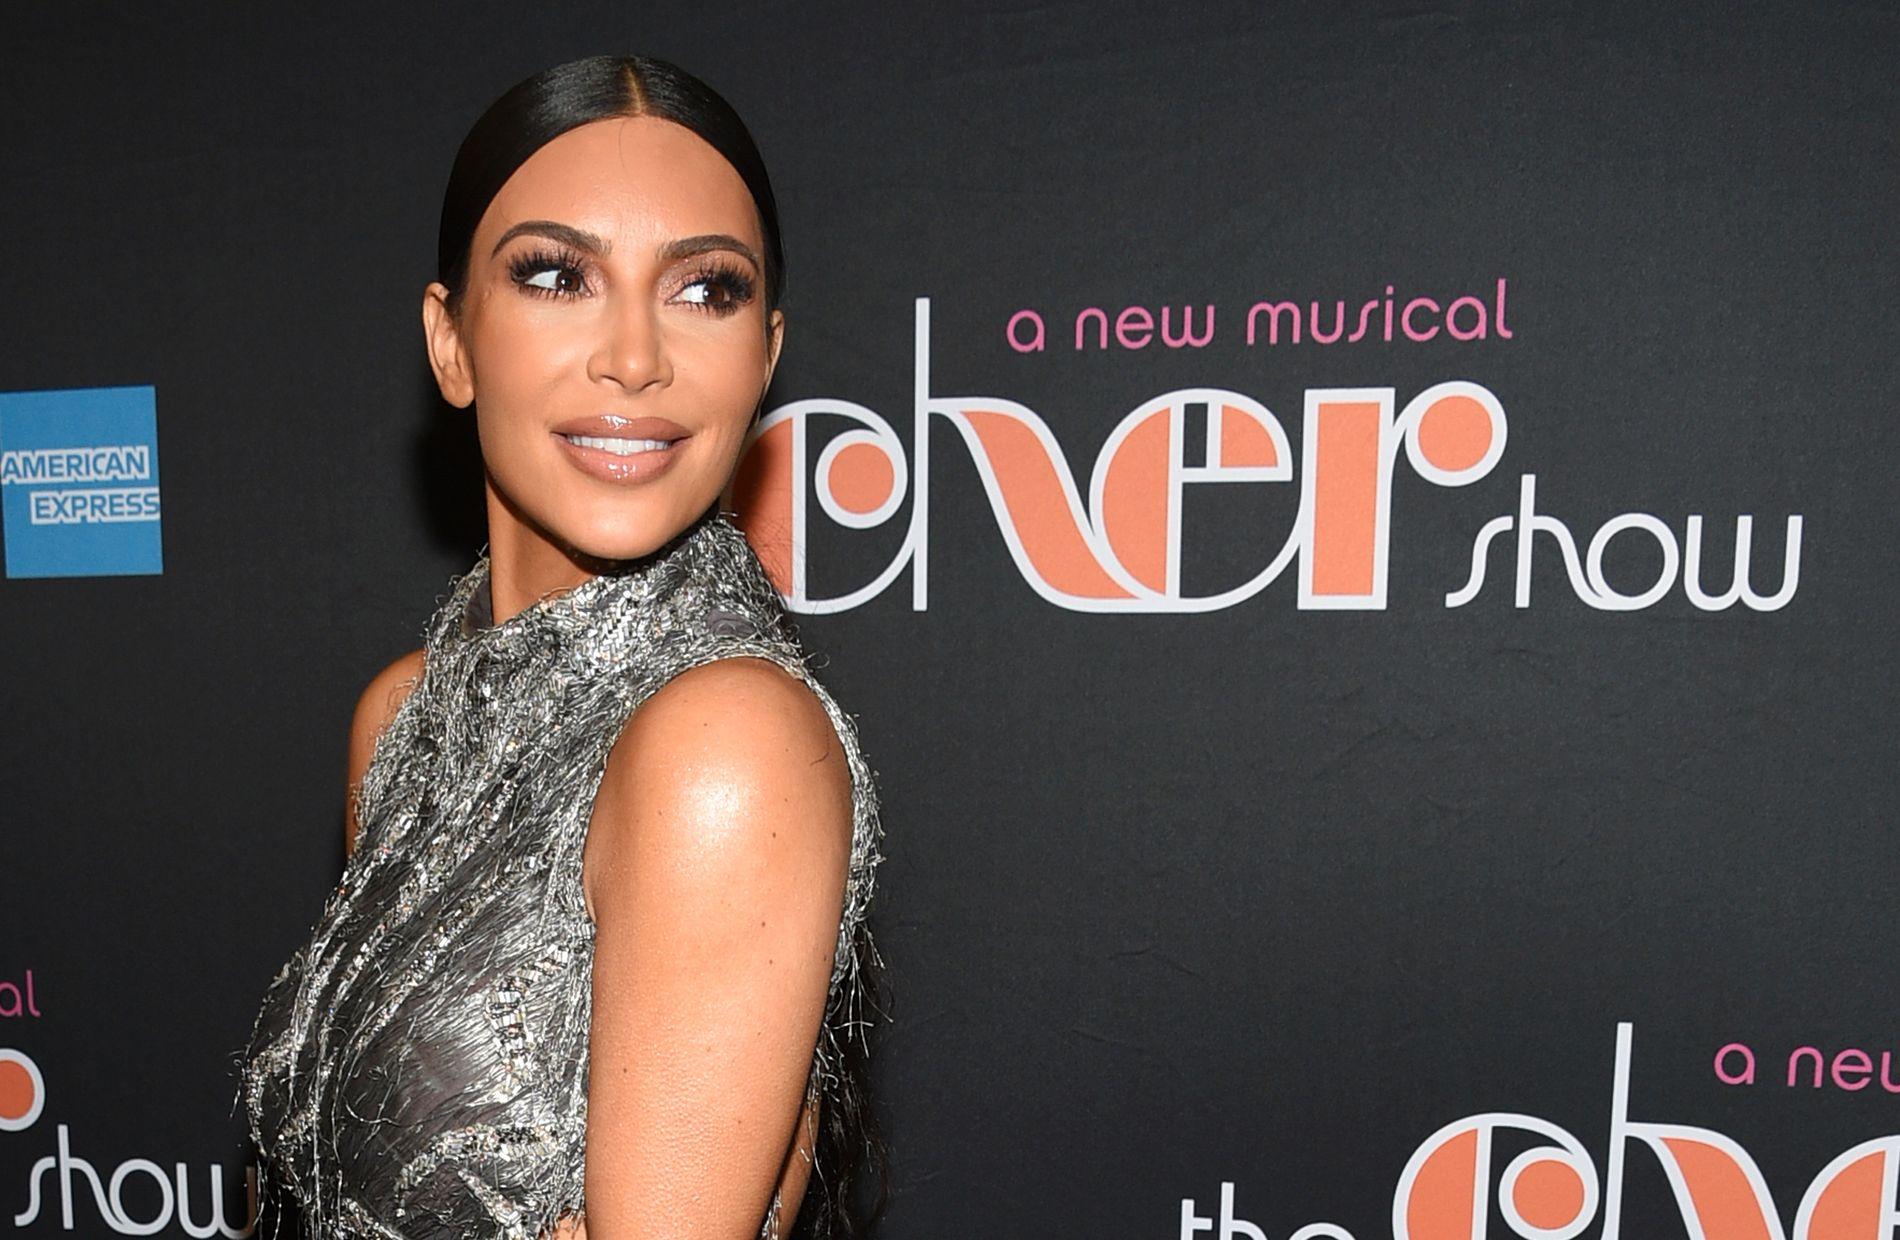 DYR REKLAMEFIGUR: Kim Kardashian oppgir at hun tar opptil 4,3 millioner kroner for å profilere én enkelt merkevare på sin Instagram-profil.